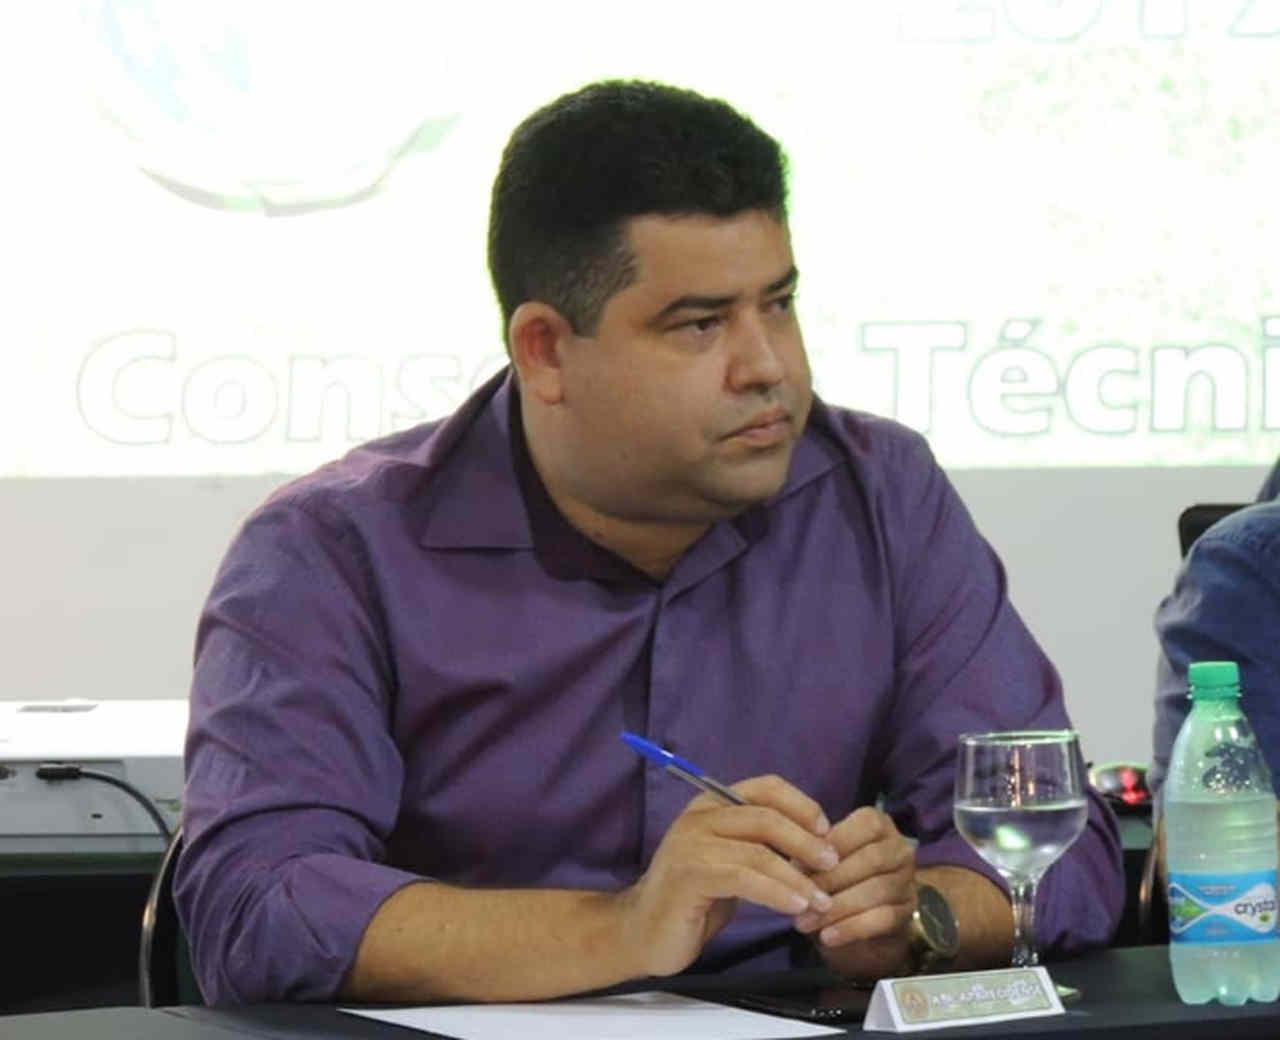 Aparecidense fecha com técnico e meia campeões pelo Vila Nova, conta presidente Elvis Mendes ao FZ   Foto: Marielly Dias